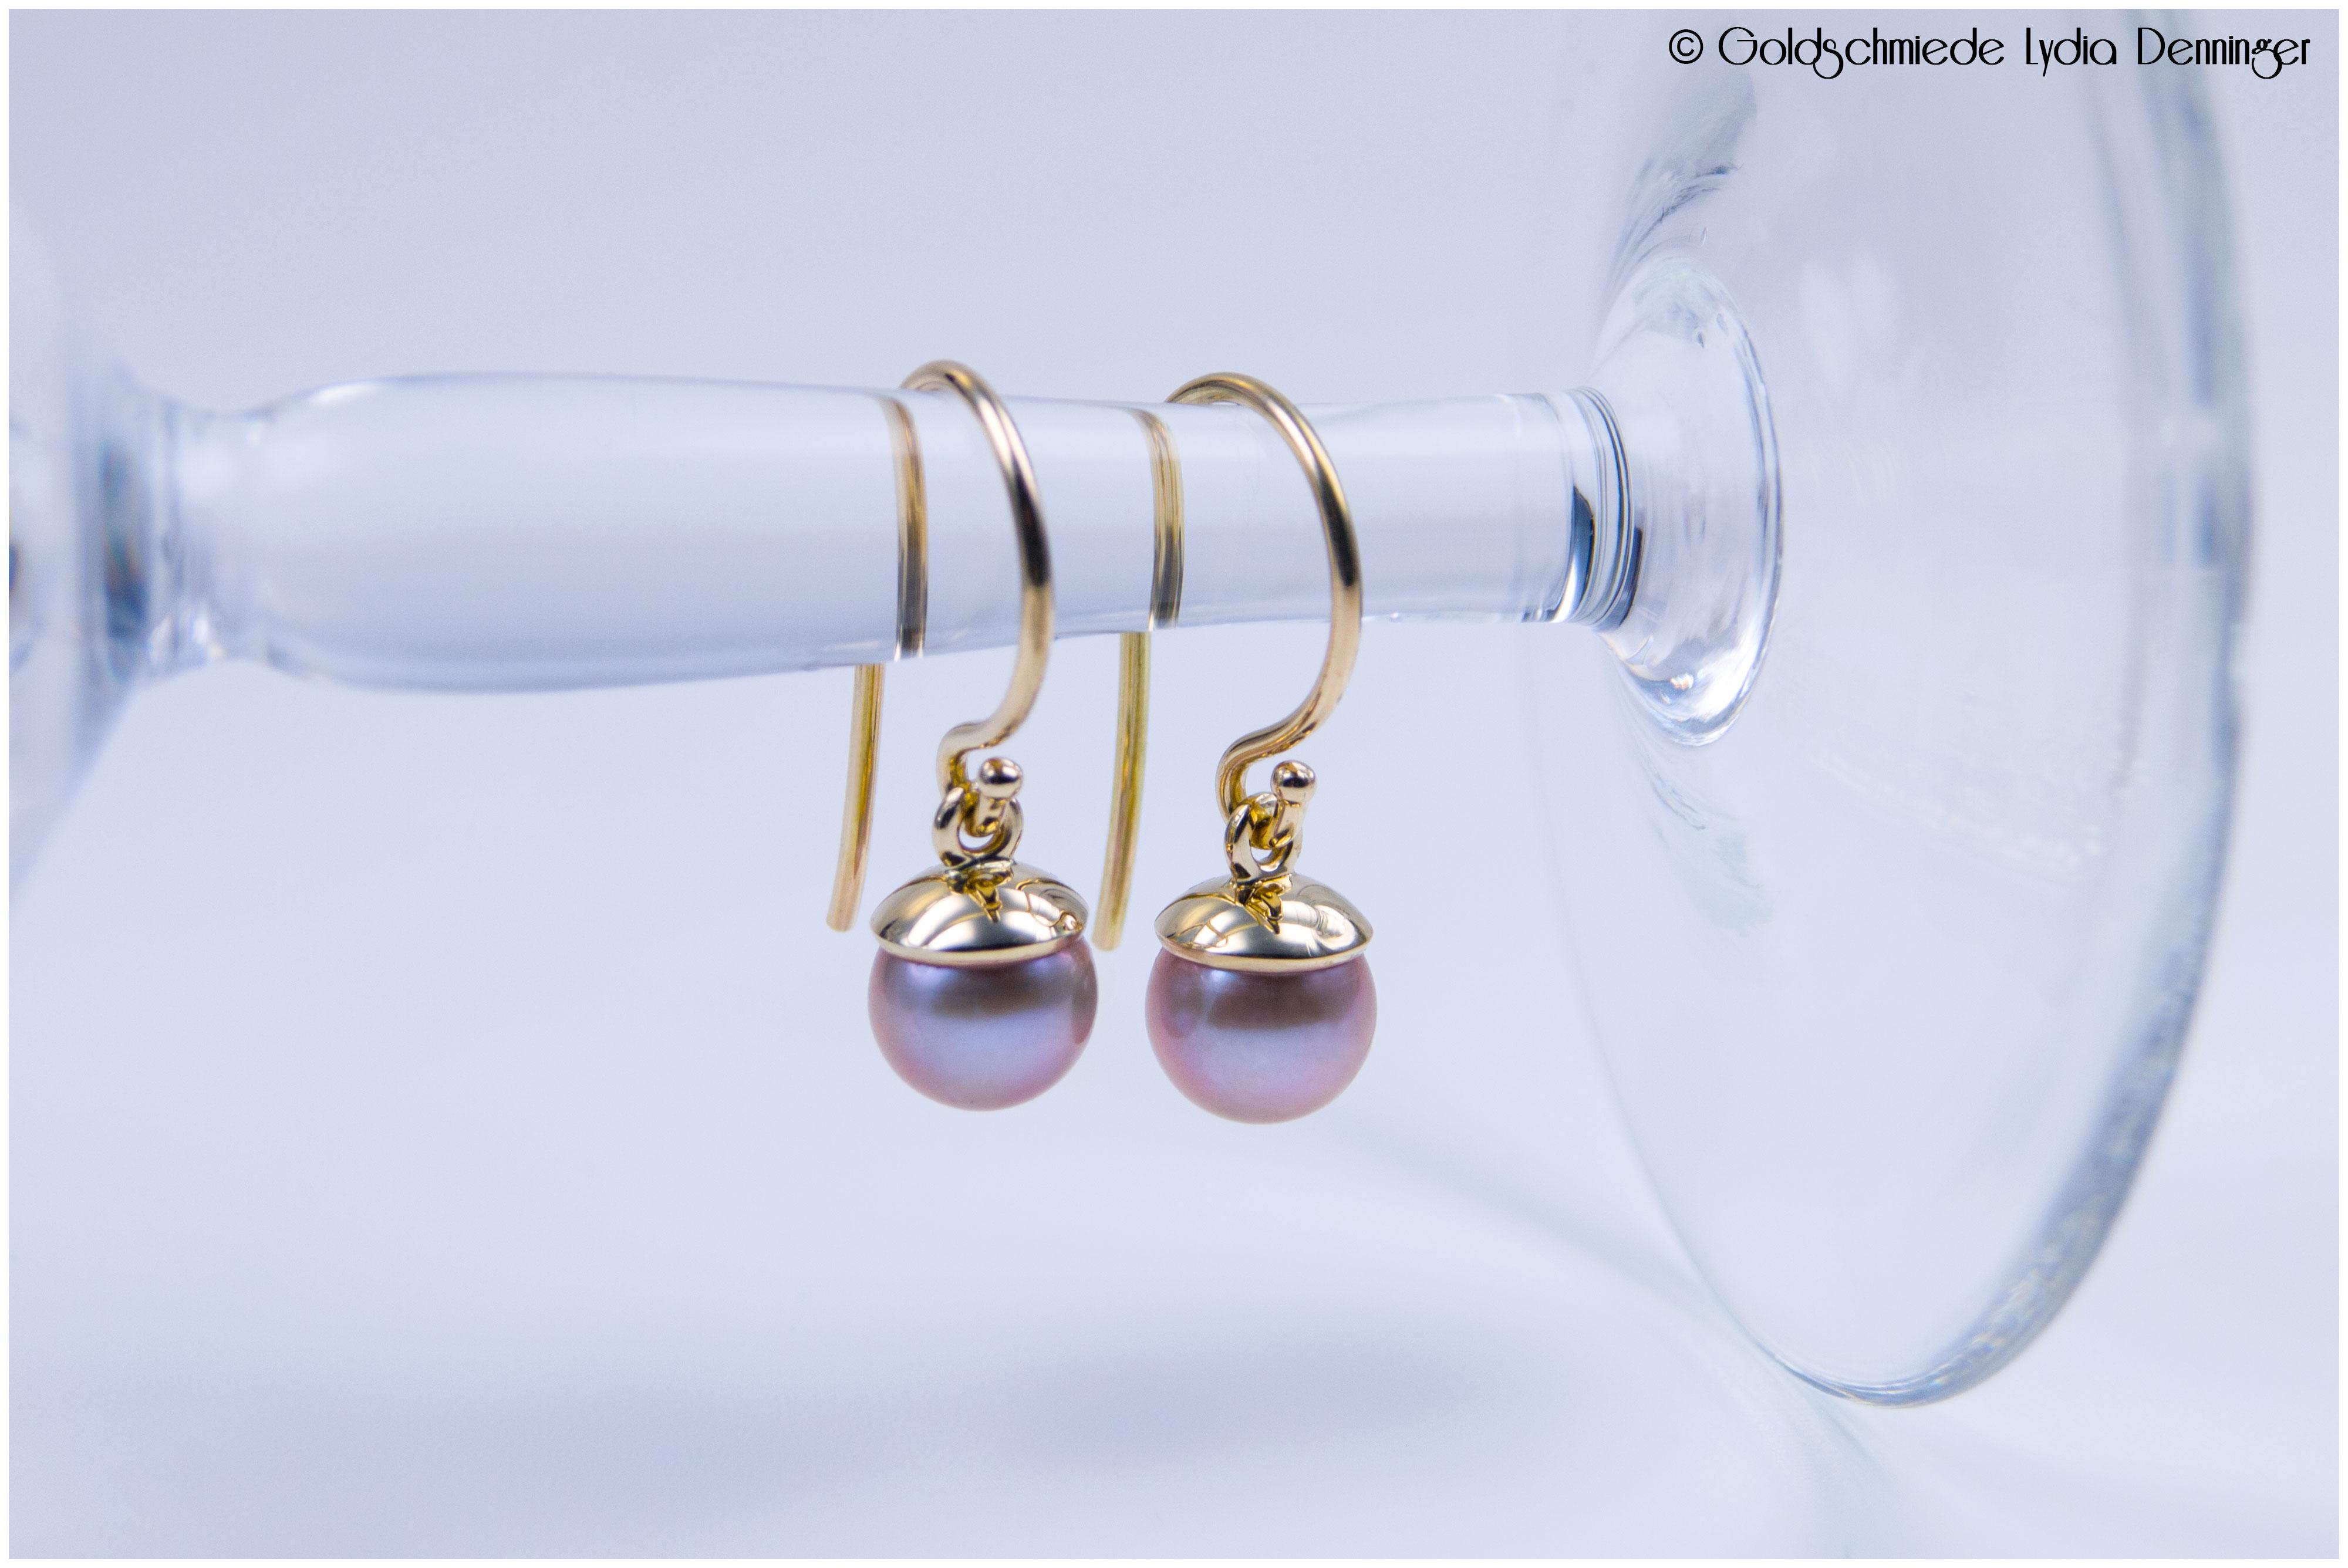 Ohrhänger 585/- Gelbgold mit echten rosè Süßwasserperlen